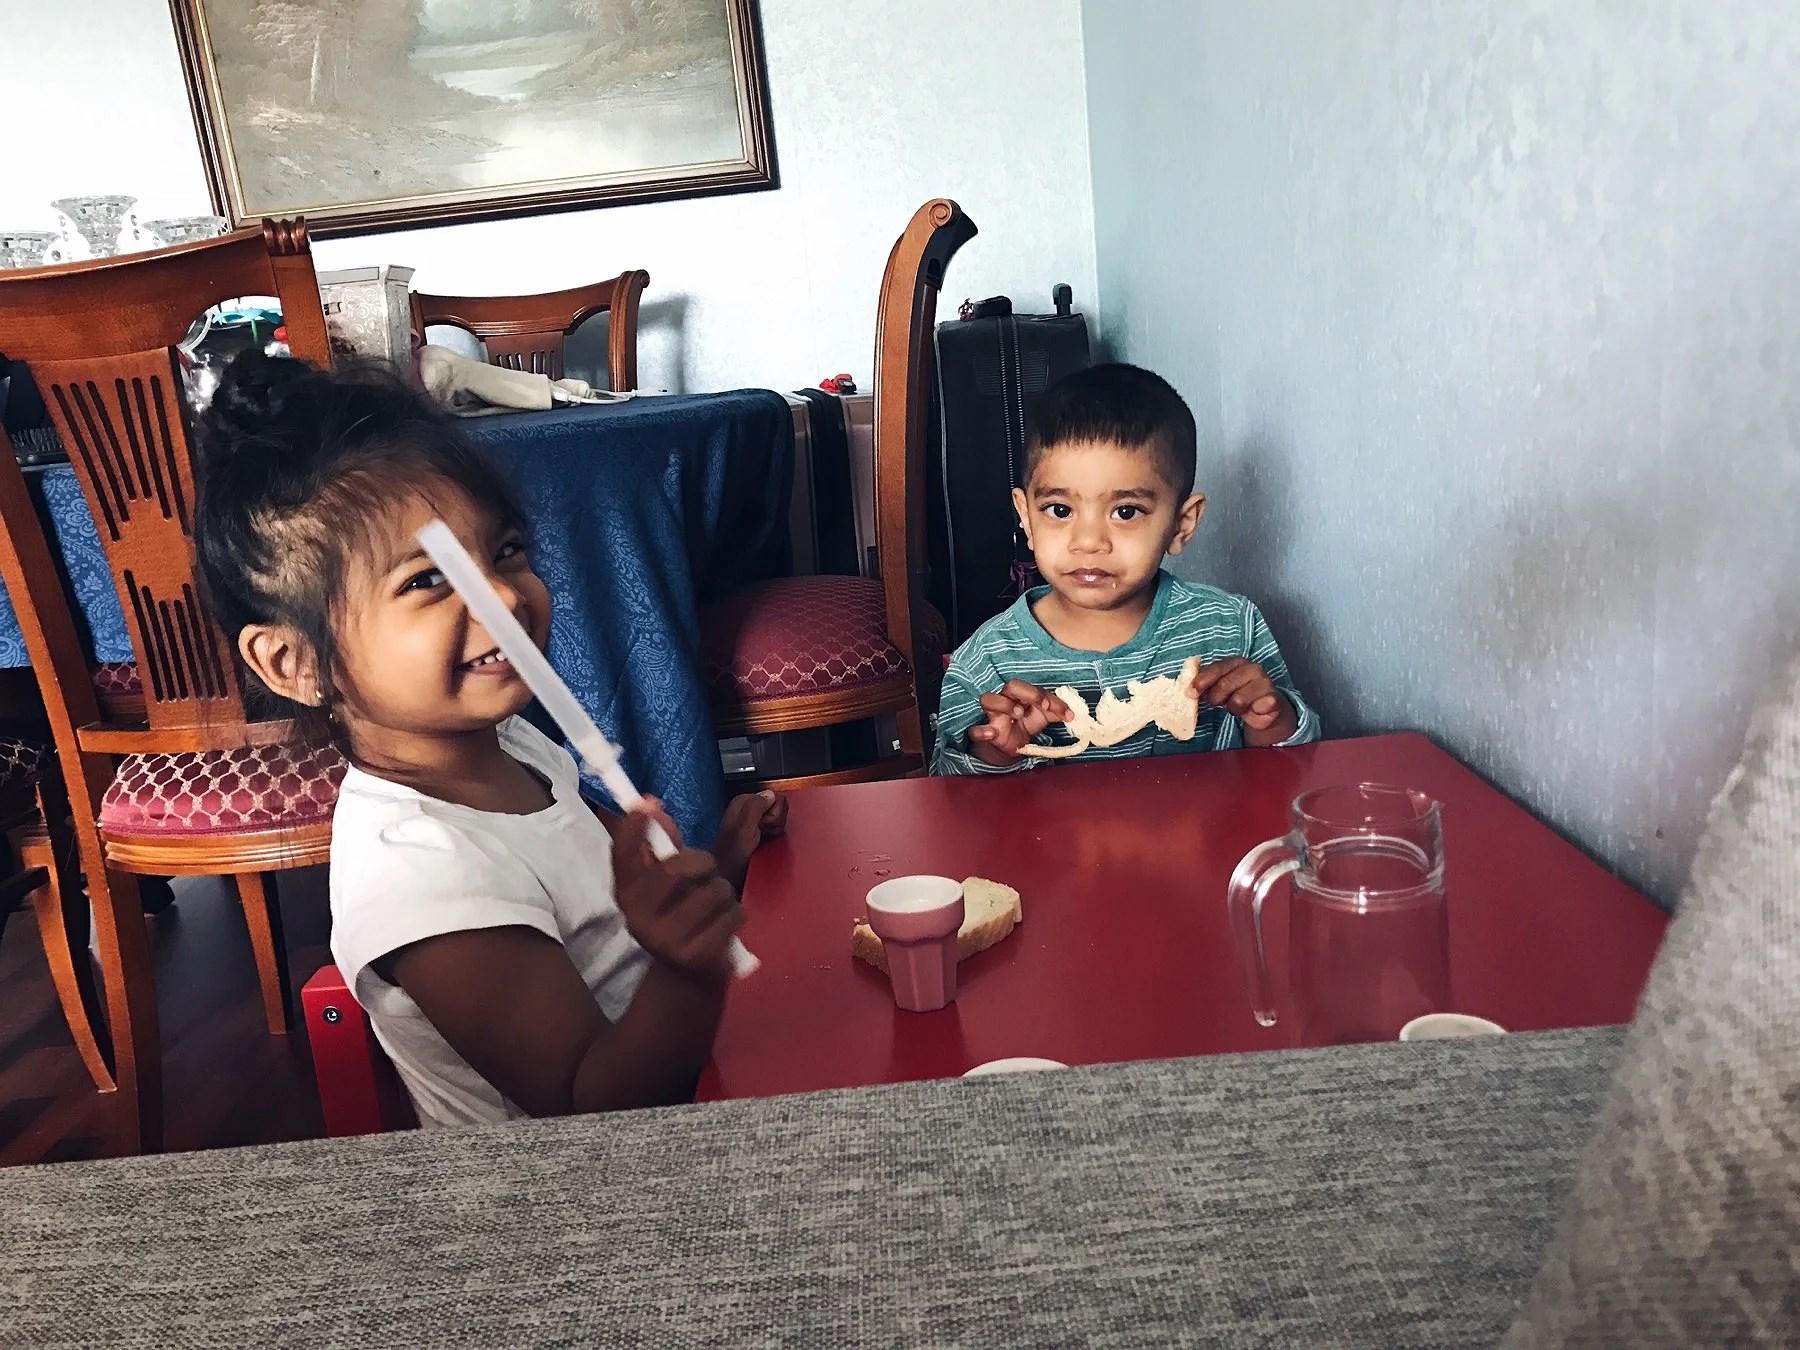 När man får oväntat besök